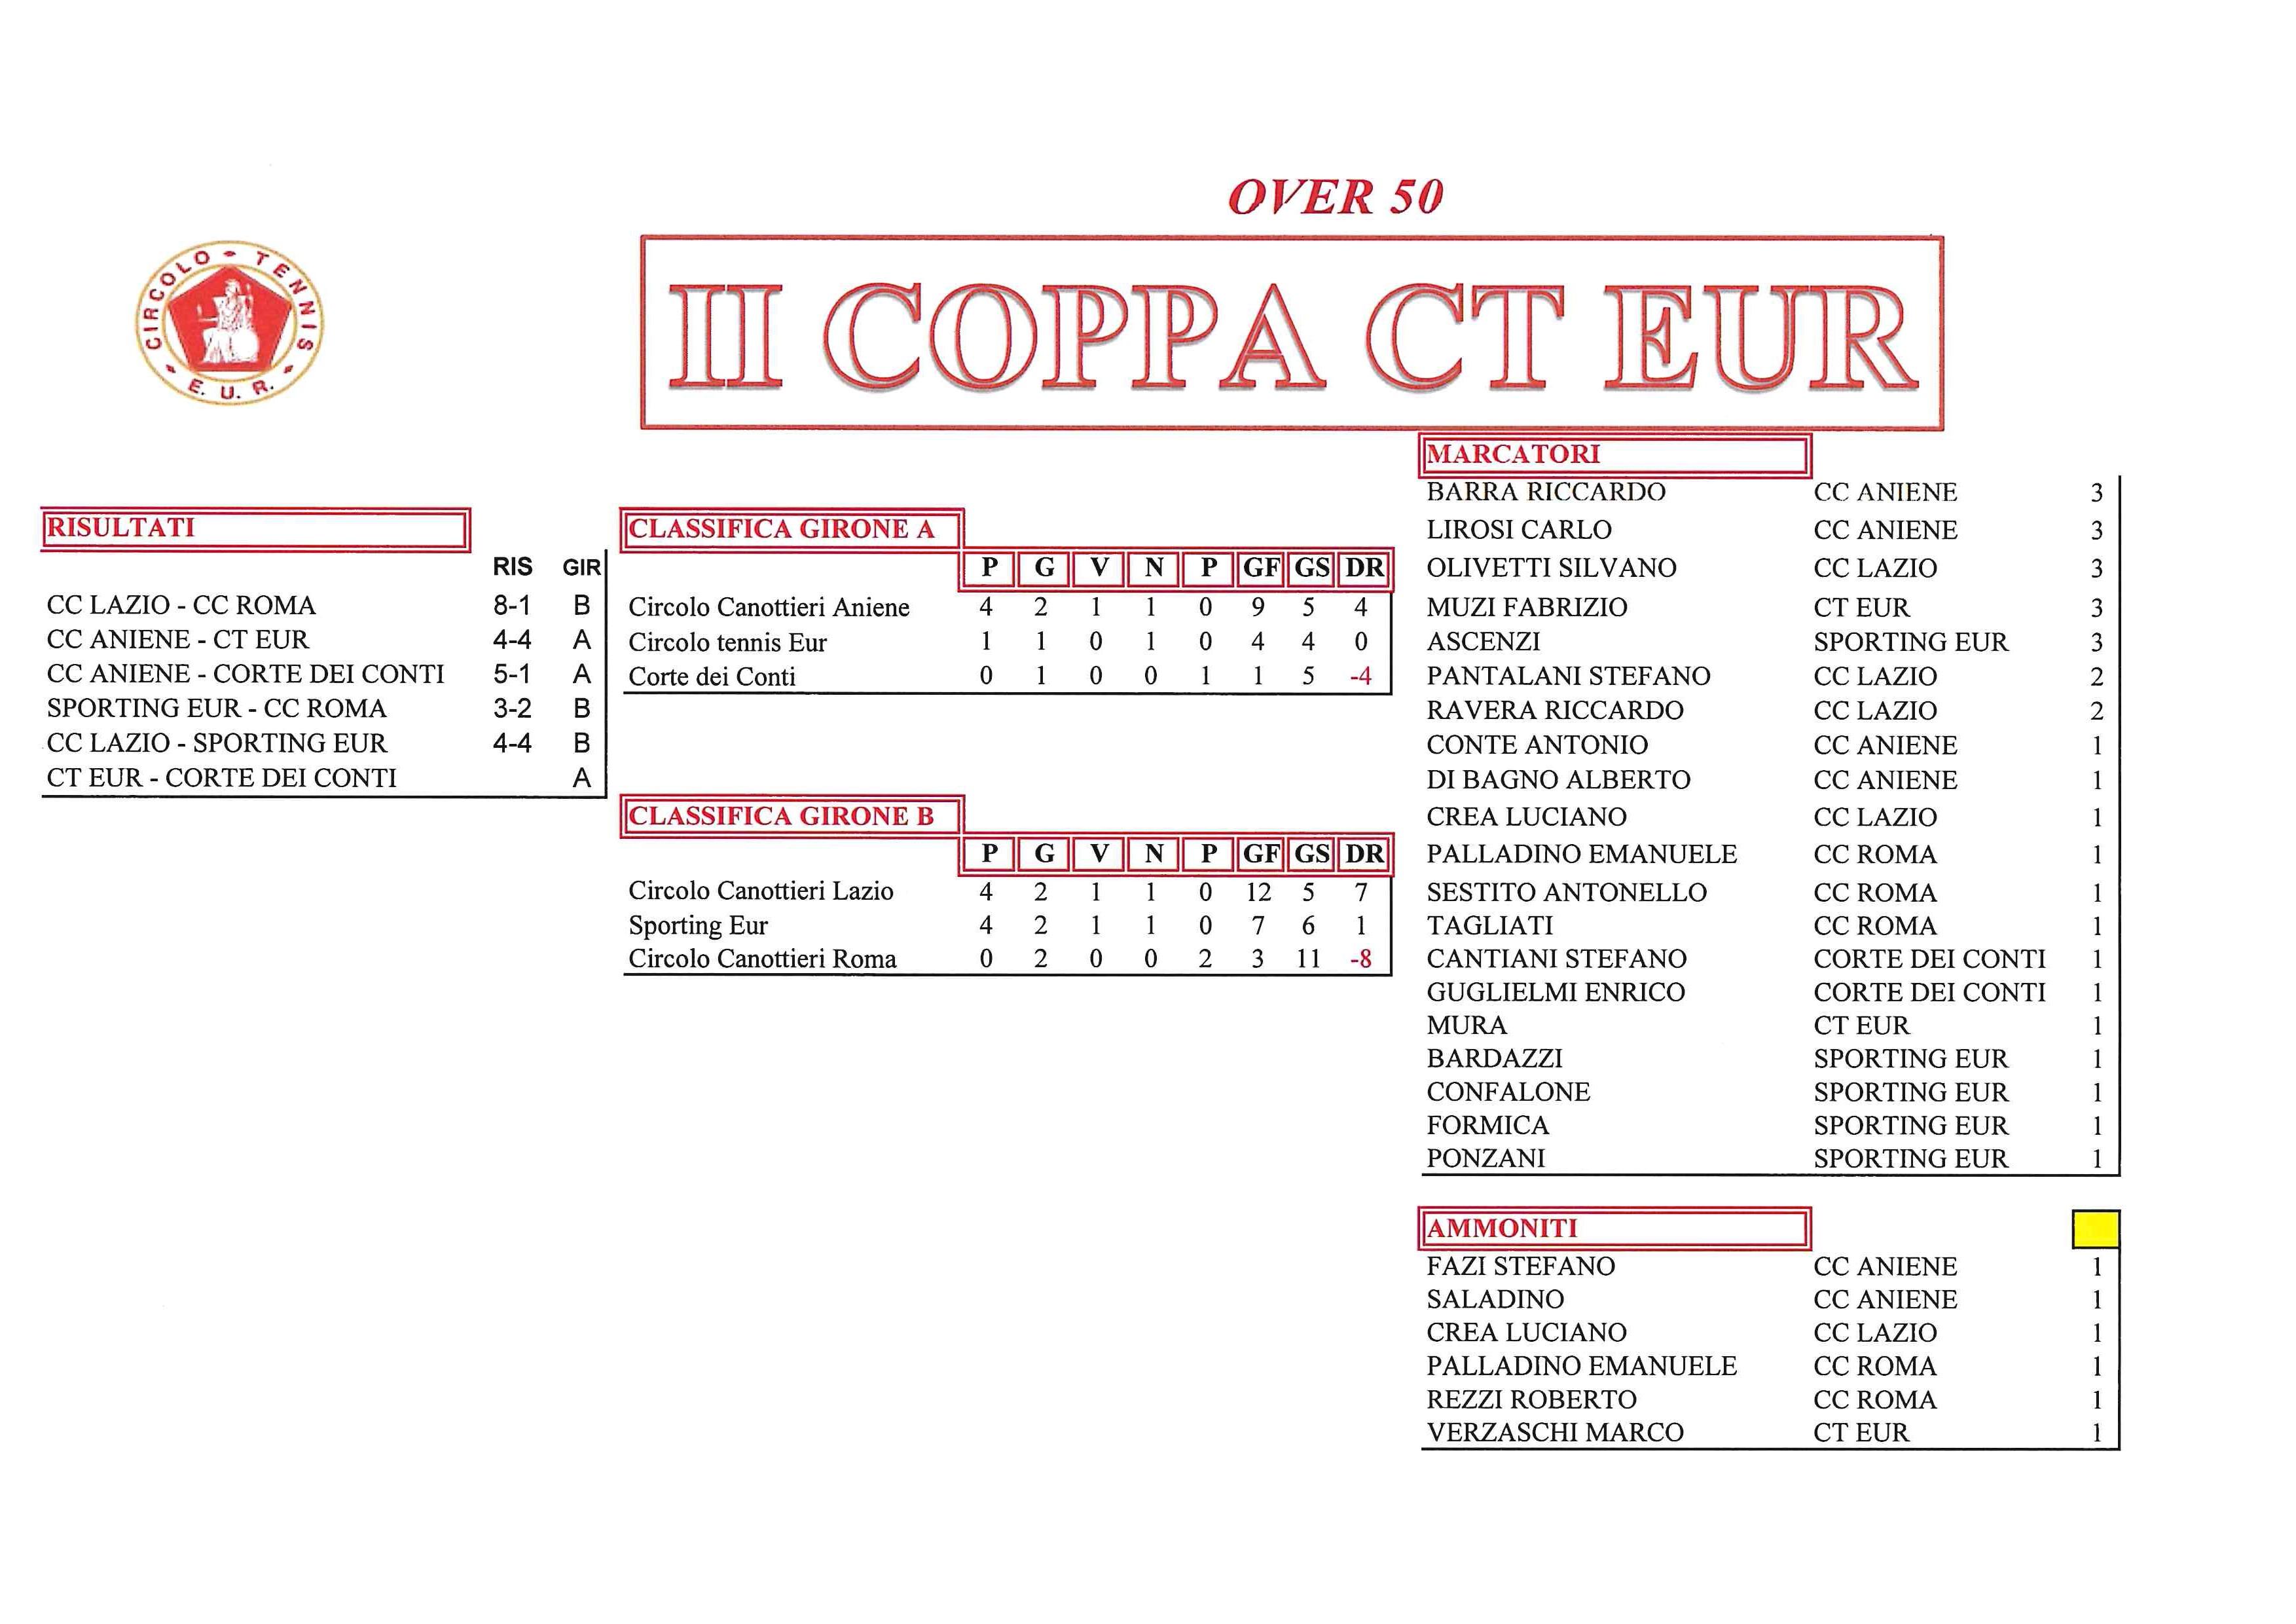 coppa-CT-Eur-risultati-del-4-ottobre-2017-Over-50